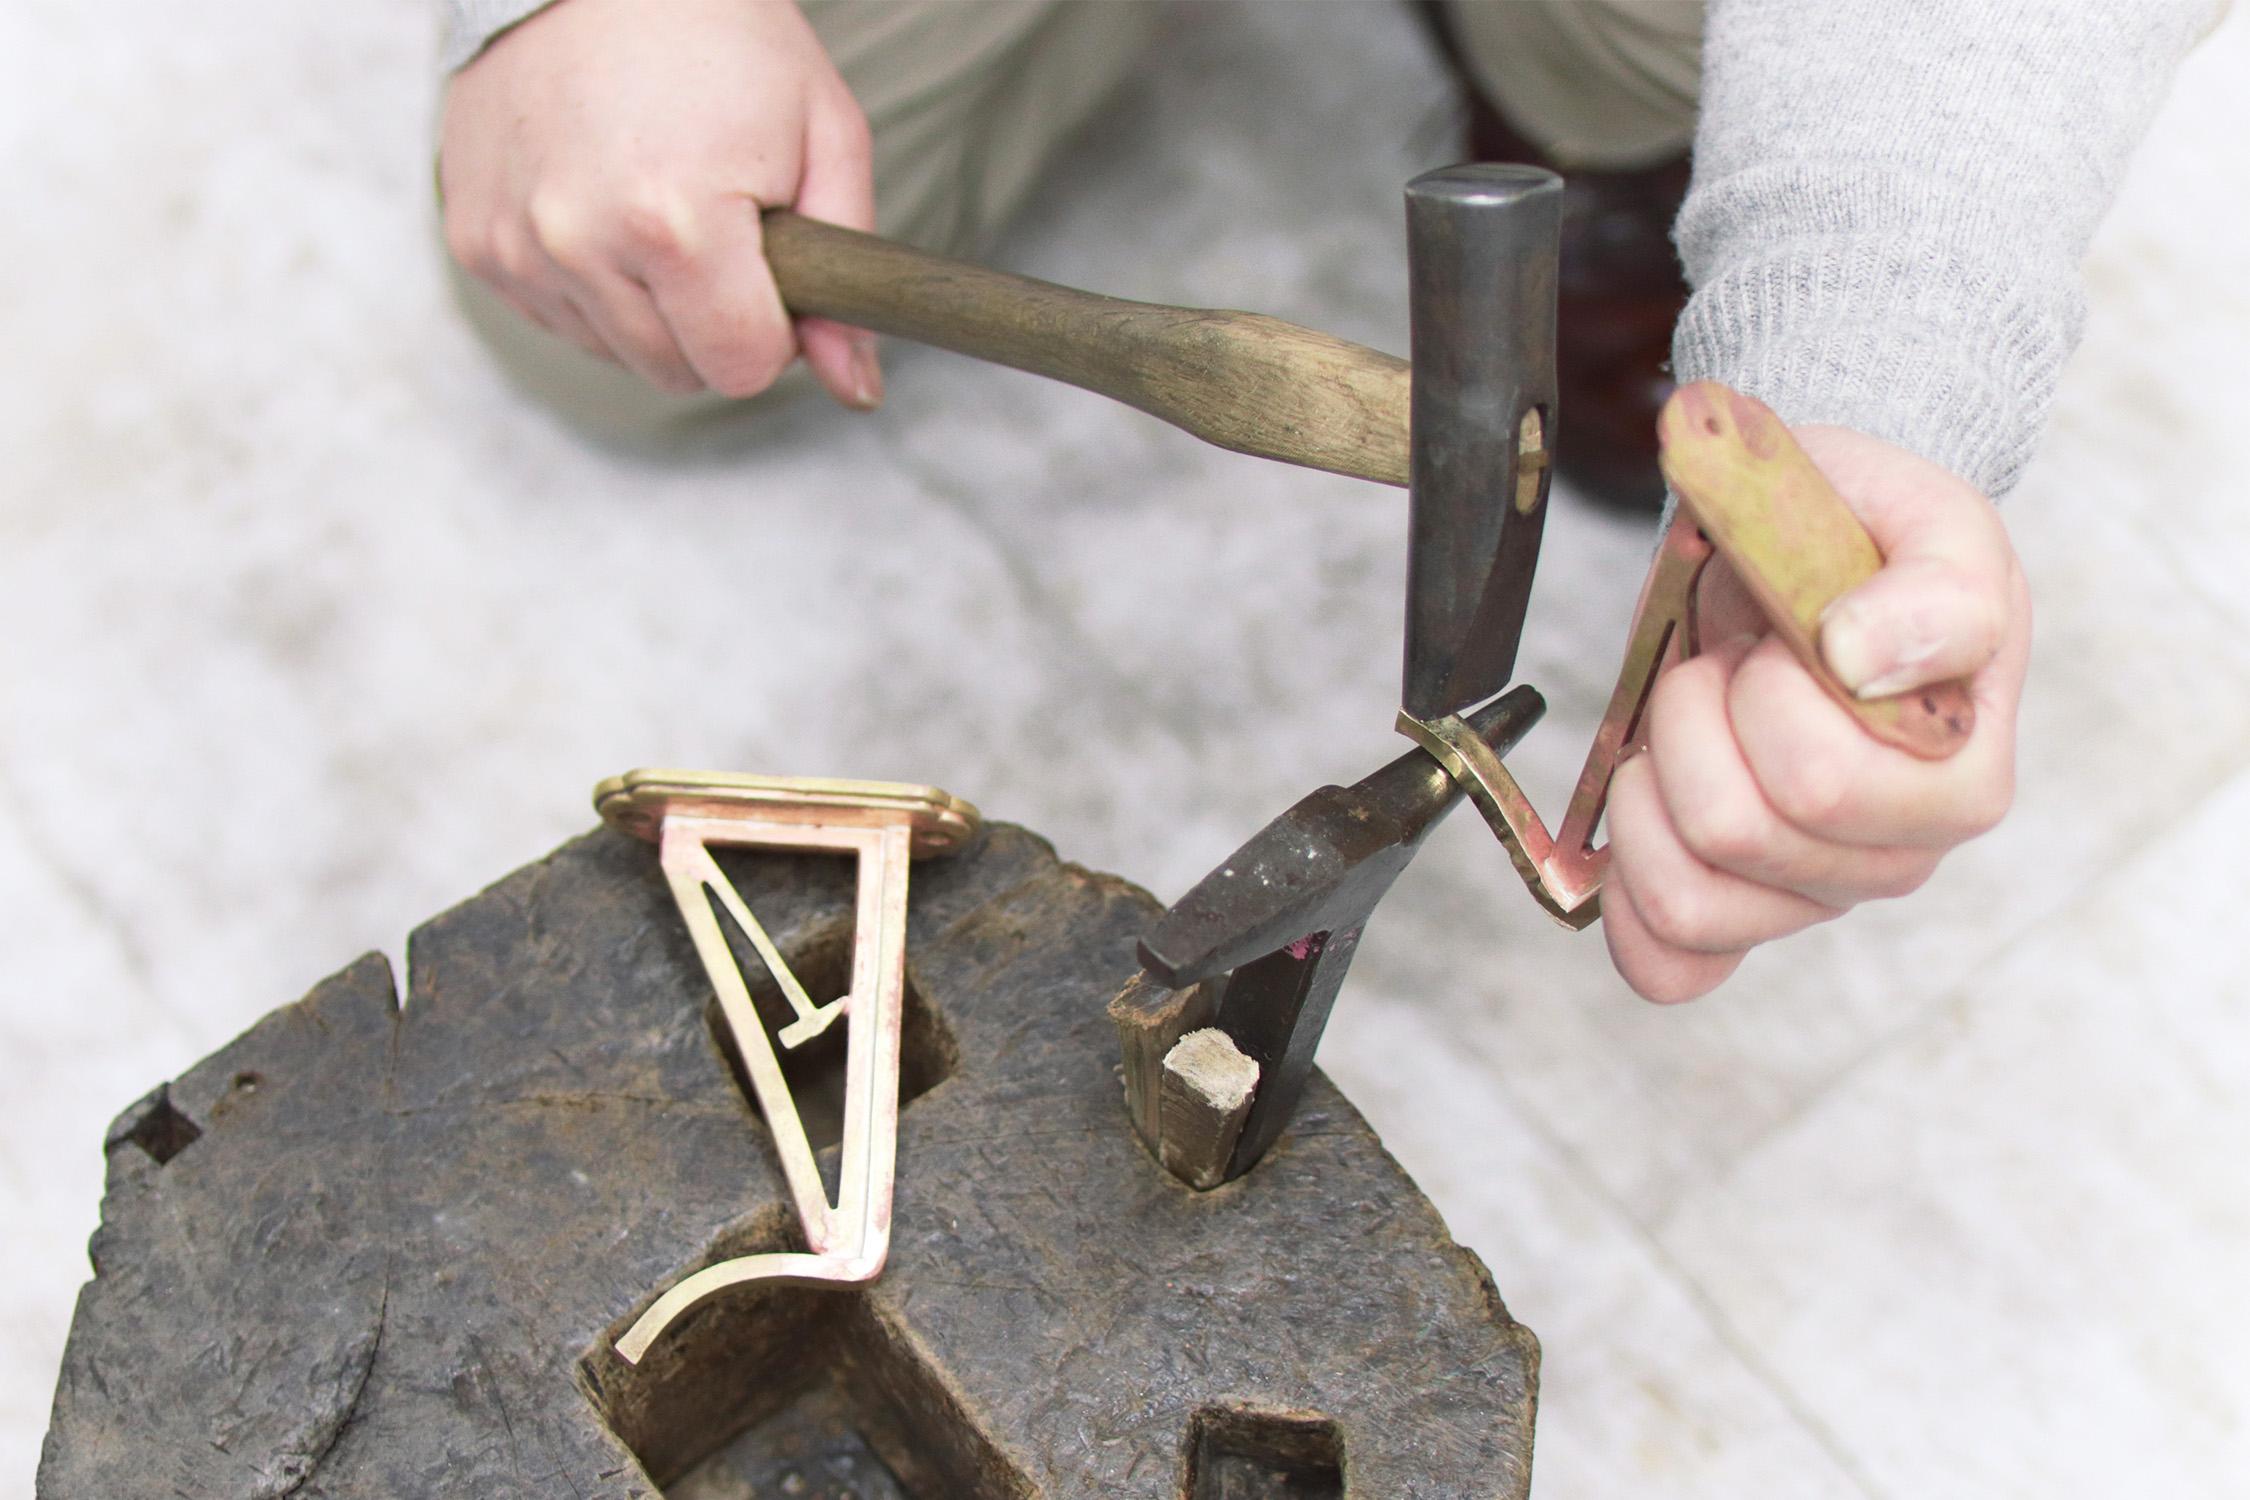 のれん金具のフックを作る